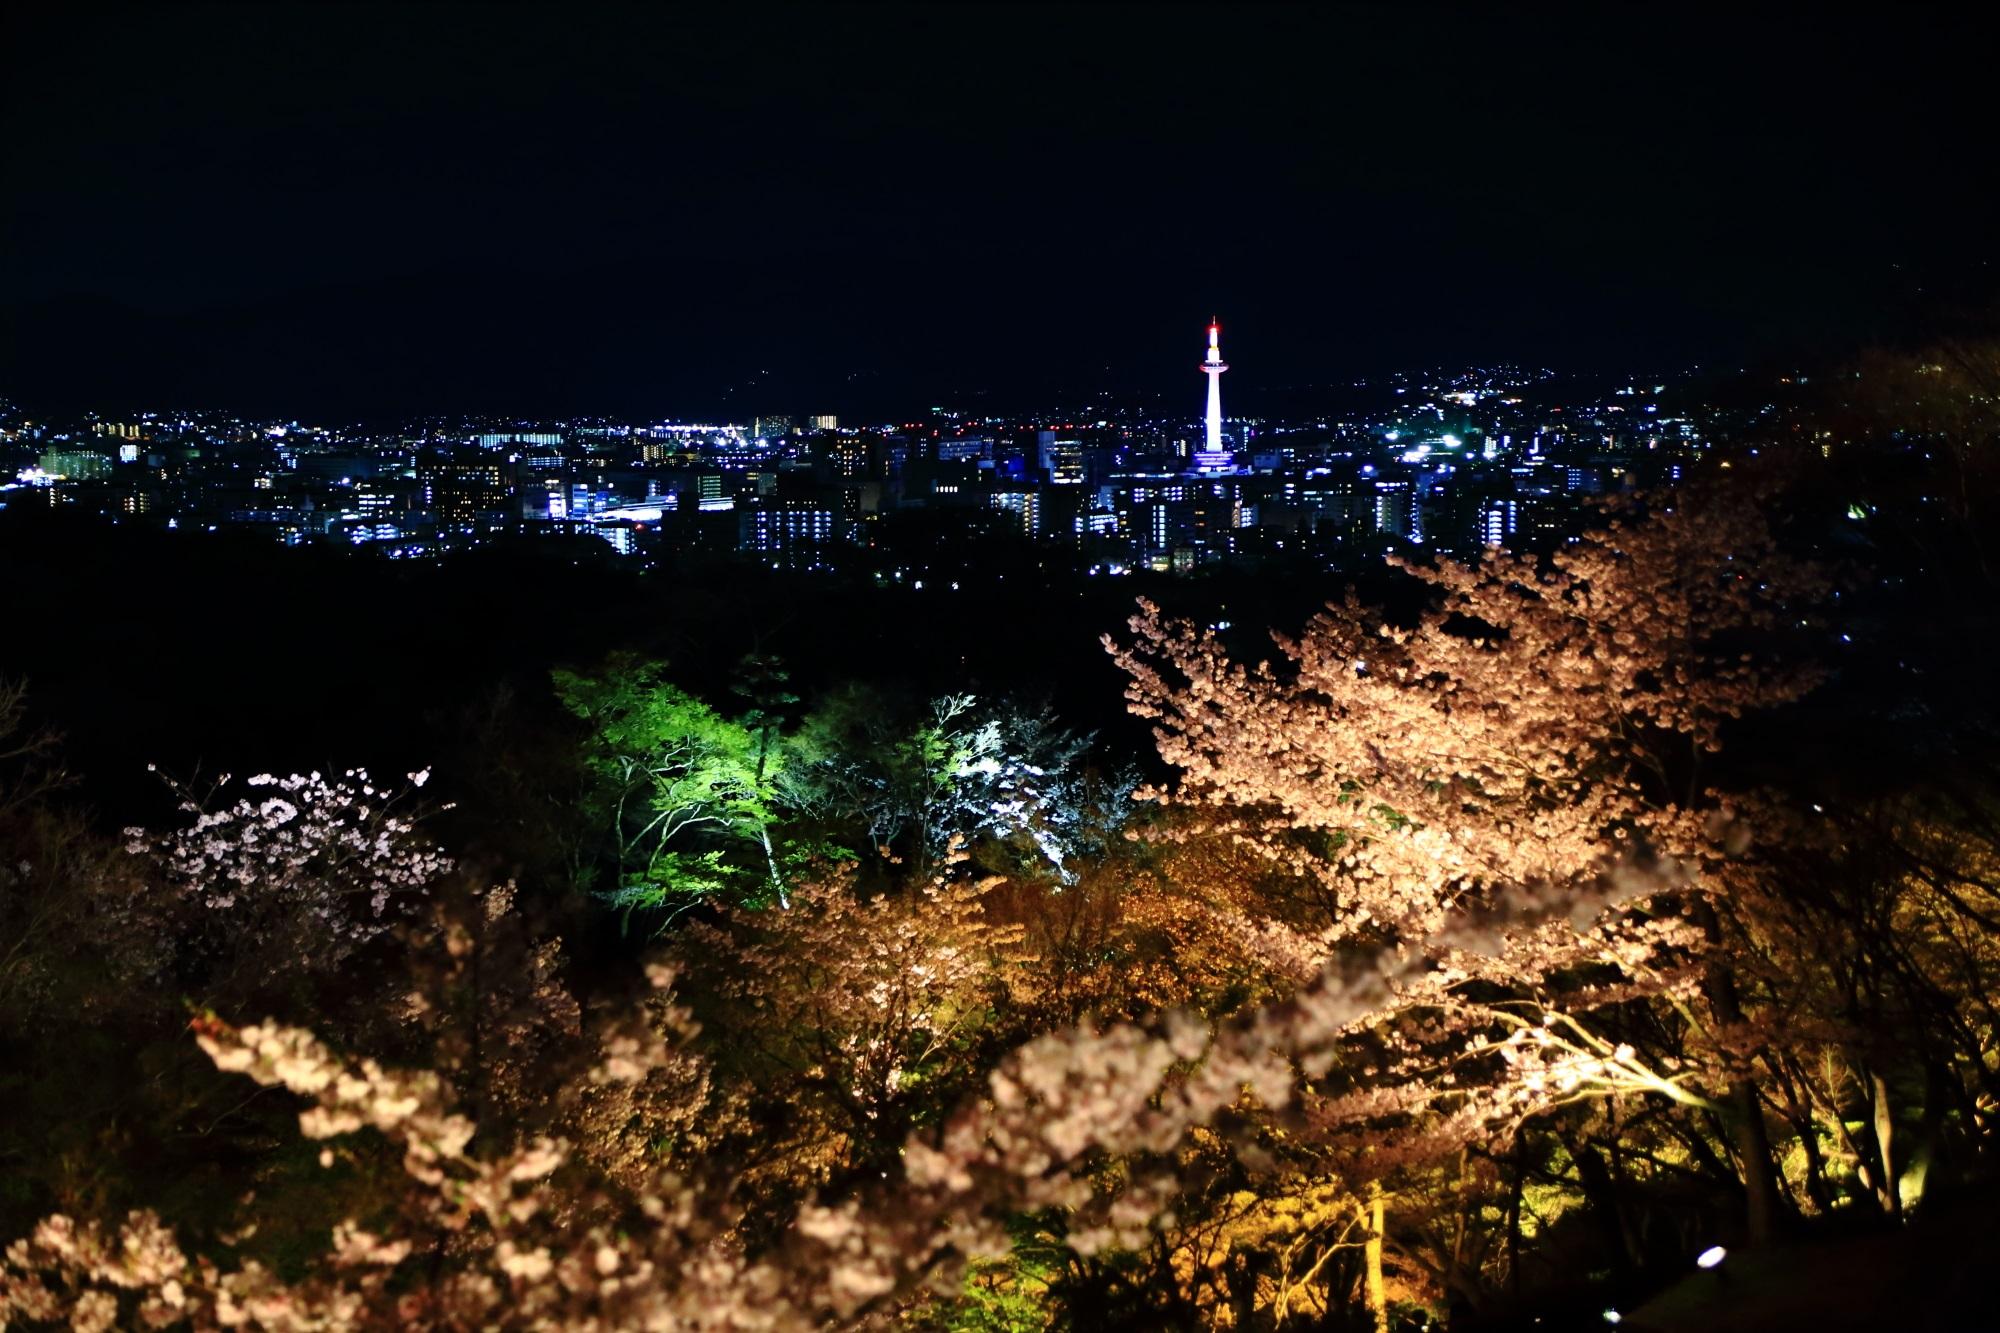 夜桜が演出する綺麗な京都タワーや京都市街の夜景